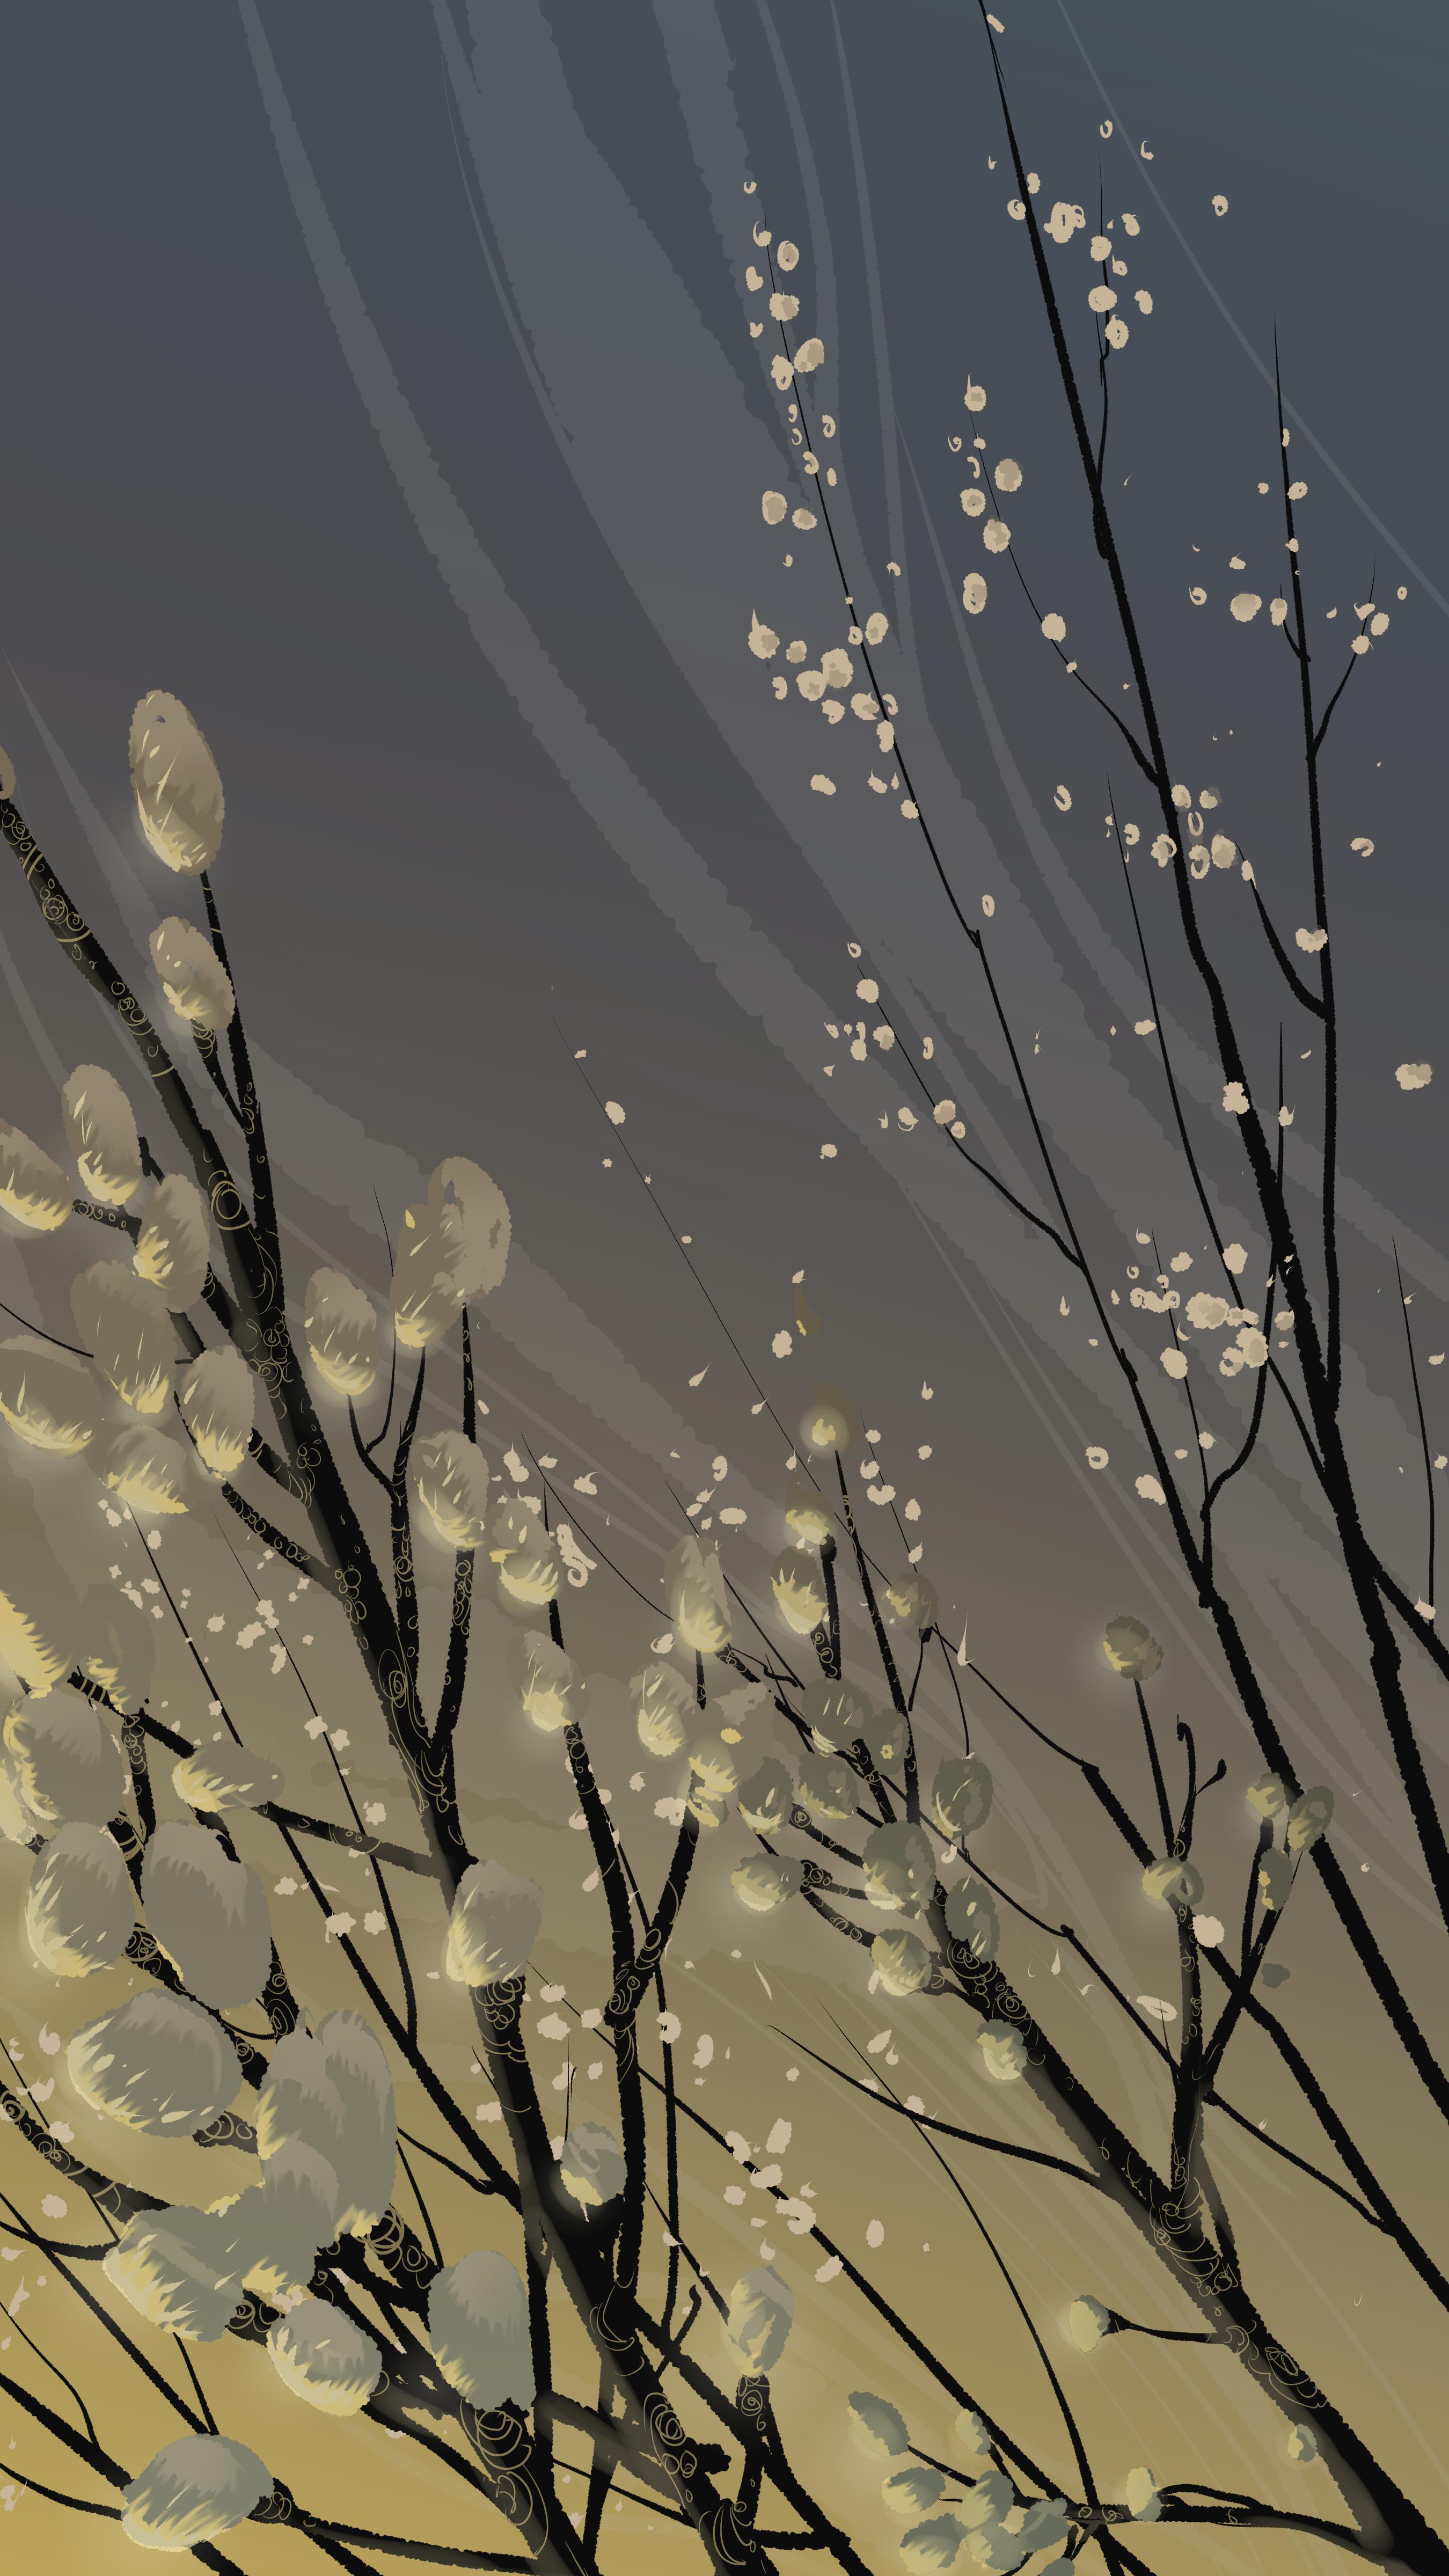 56567 Hintergrundbild herunterladen Vektor, Blumen, Kunst, Geäst, Zweige, Blühen, Blühenden, Weidenkätzchen, Verba - Bildschirmschoner und Bilder kostenlos